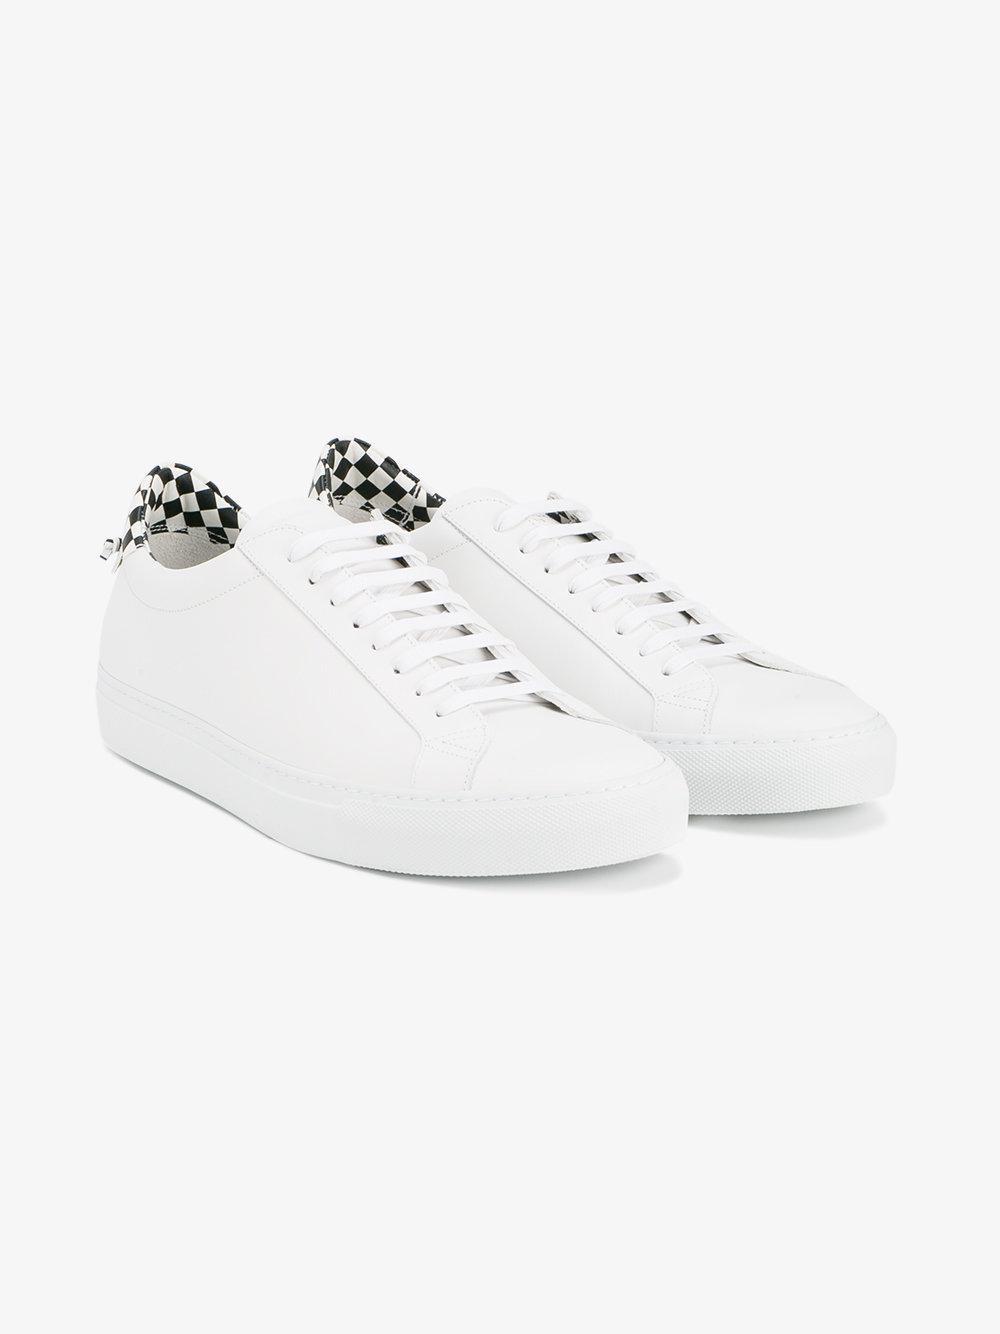 Versace Black Reverse Logo Urban Street Sneakers kJay63d